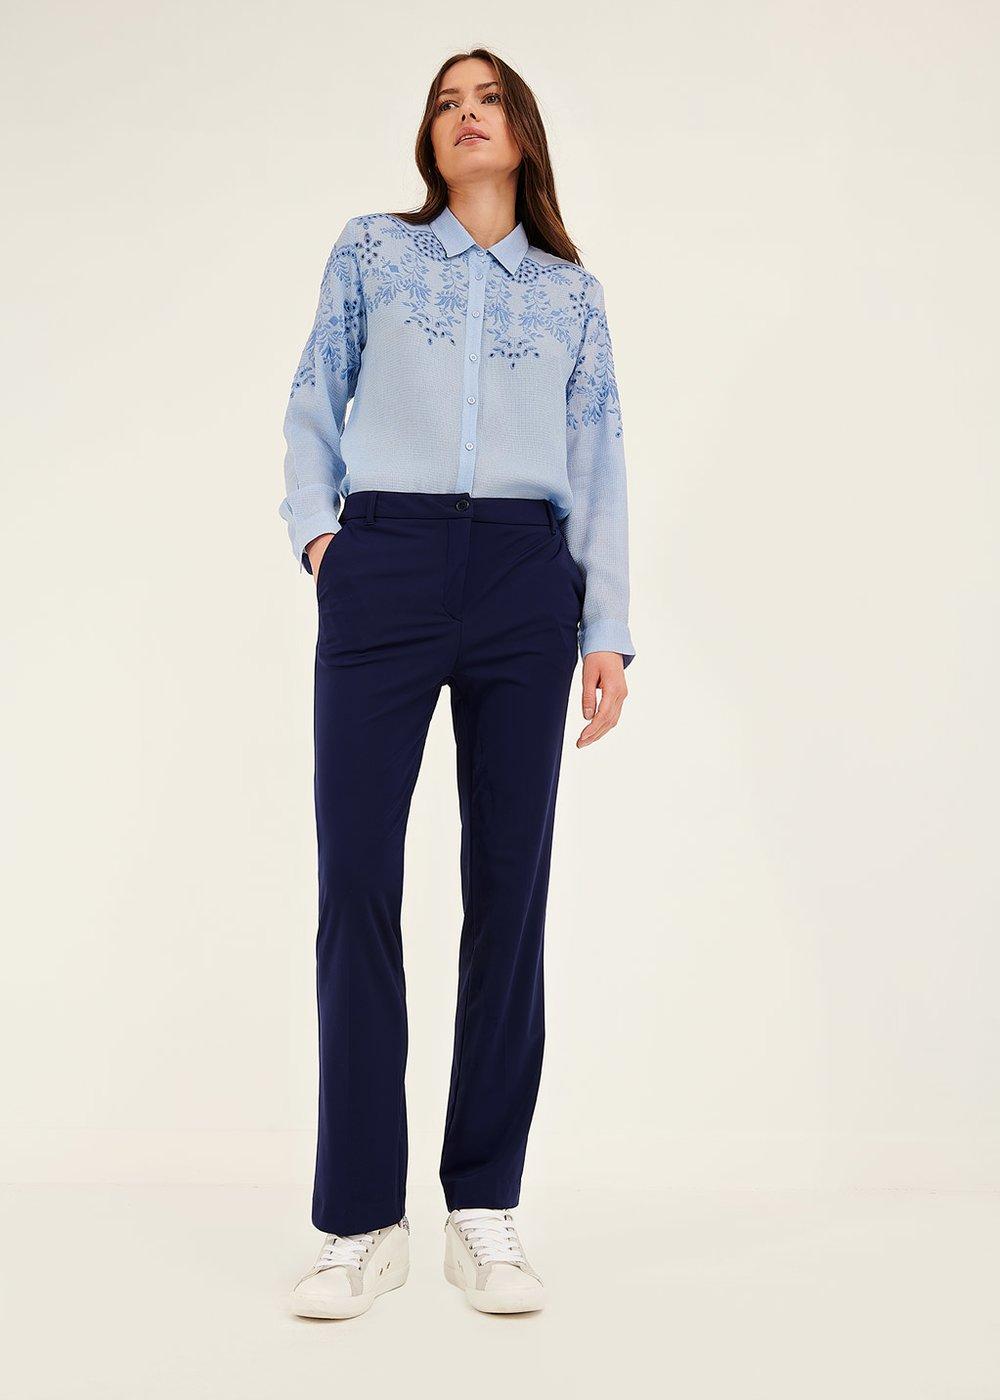 Pantalone Jacqueli tessuto tecnico - Oltremare - Donna